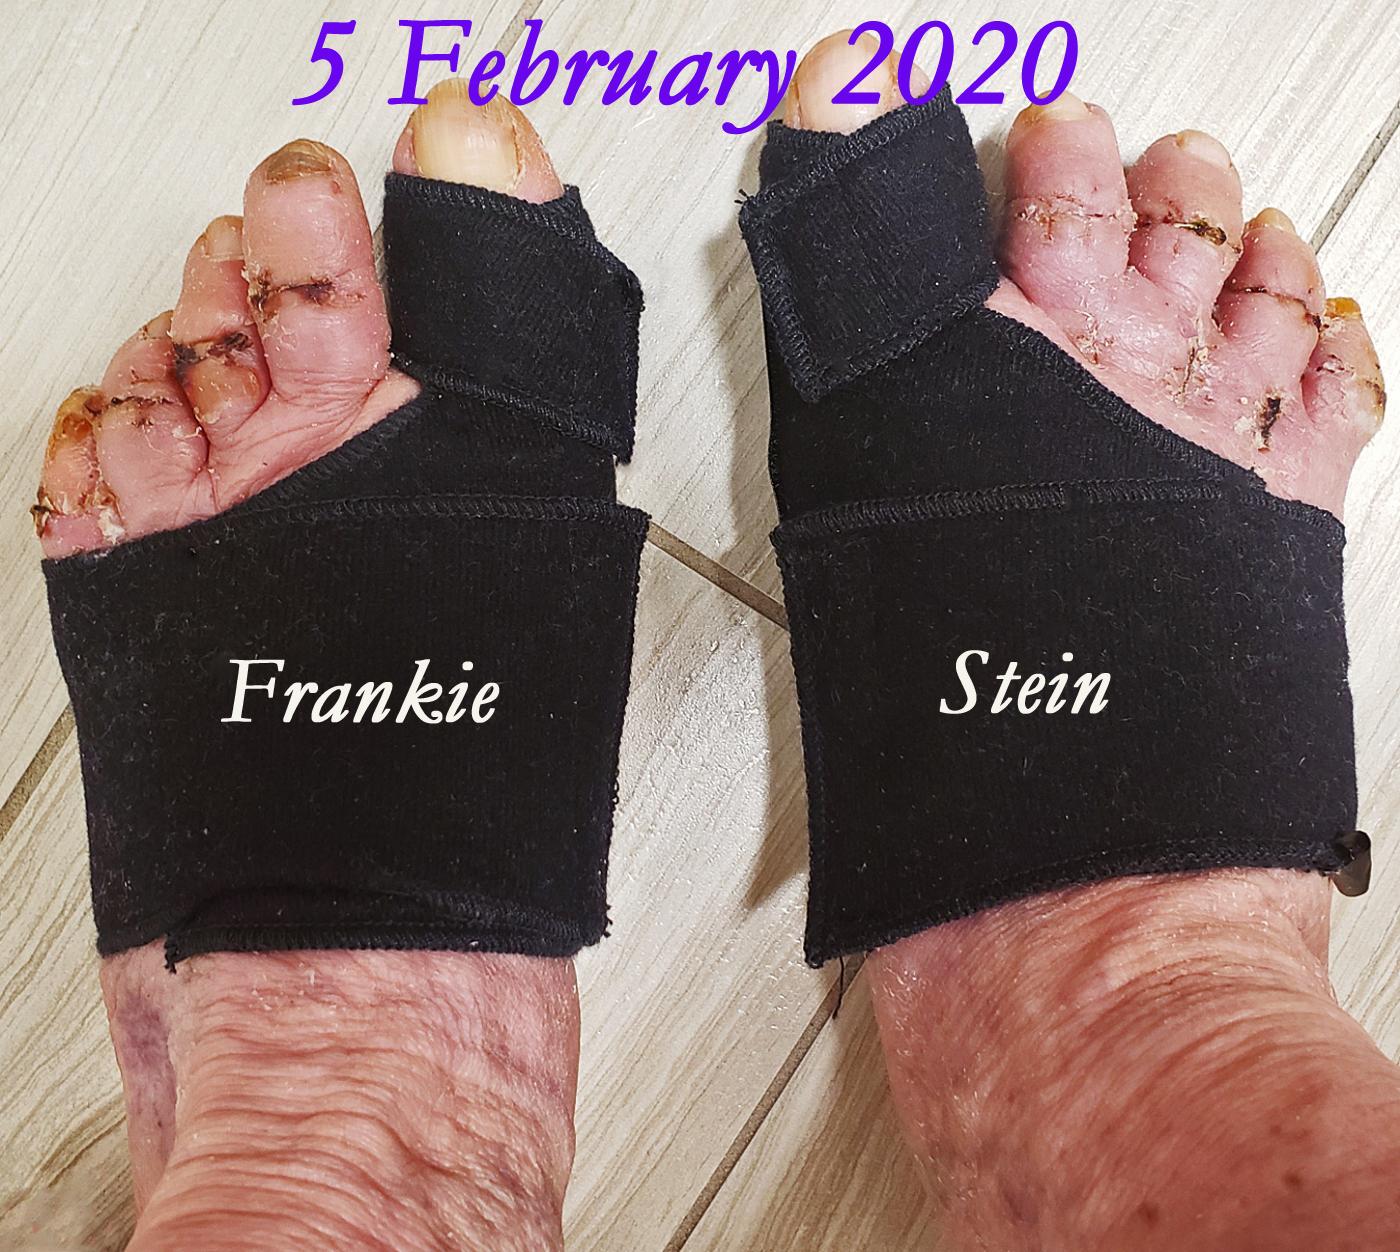 FRANKIE_STEIN_5FEB2020_2